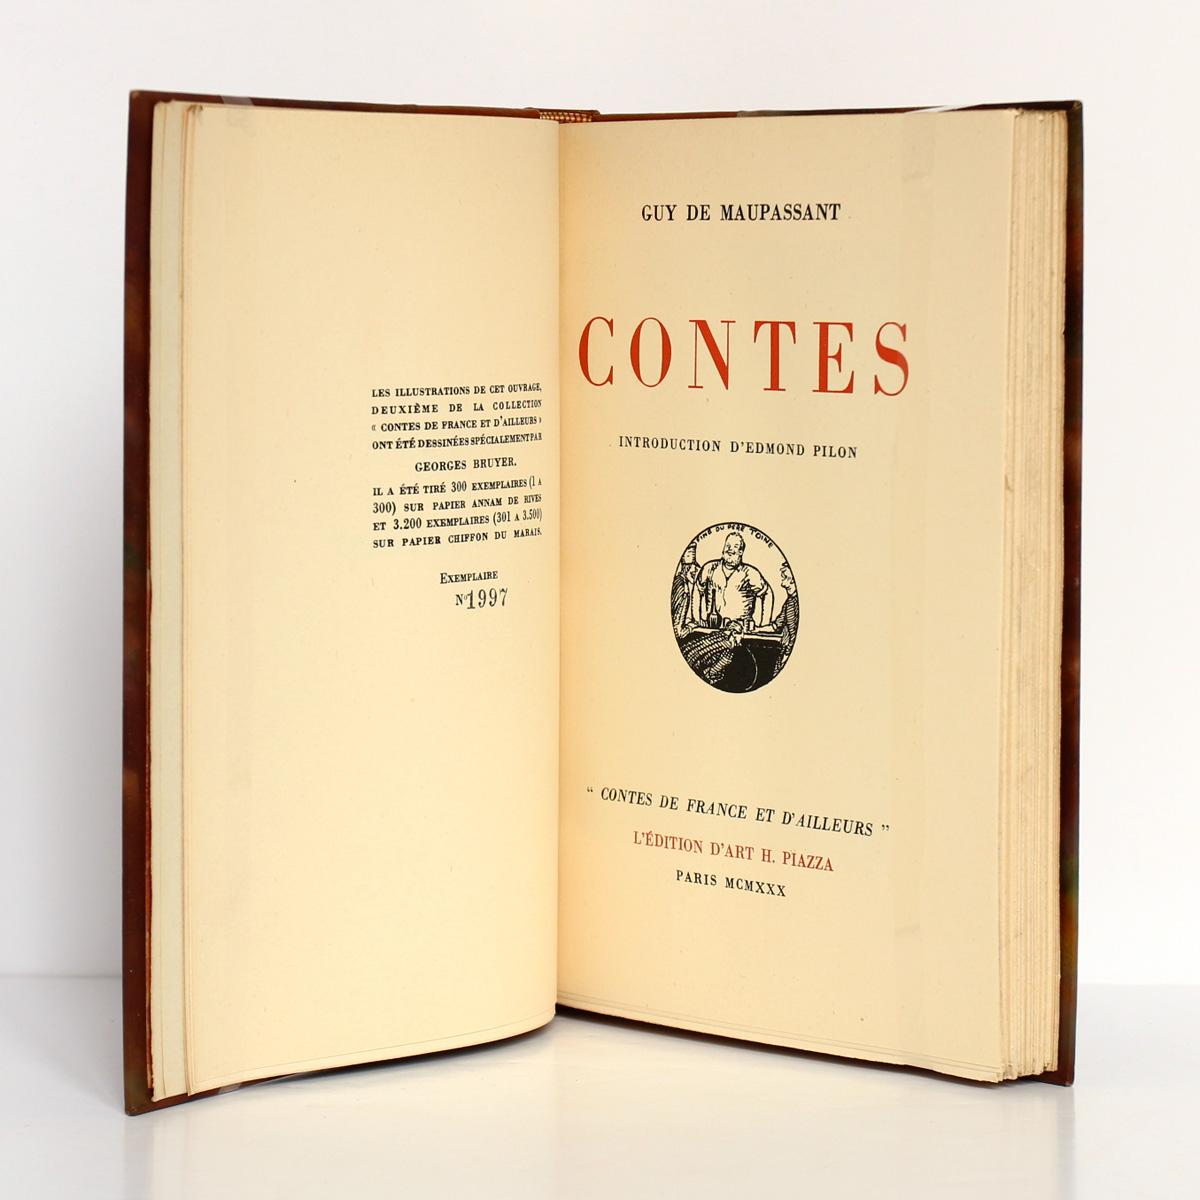 Contes, Guy de Maupassant. Édition d'Art Piazza, 1930. Page titre.